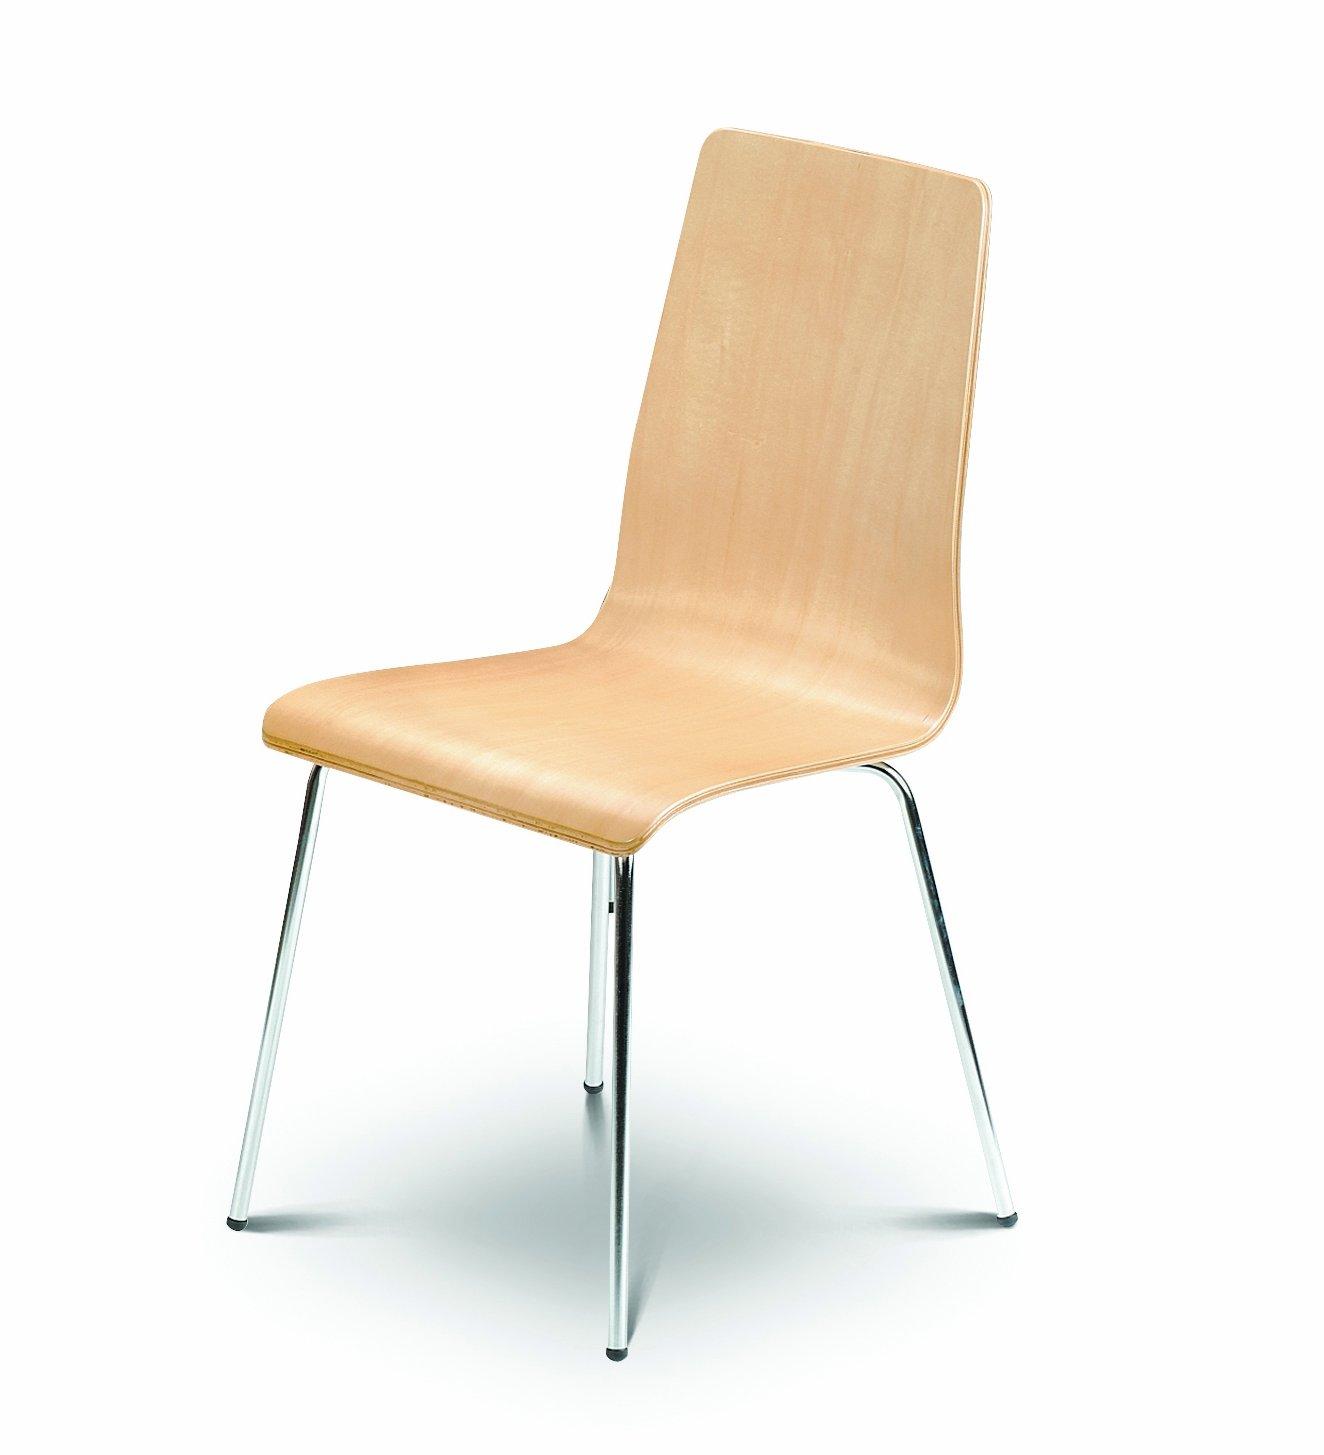 Julian Bowen Mandy Chairs Maple Set of 4 Chairs Amazon